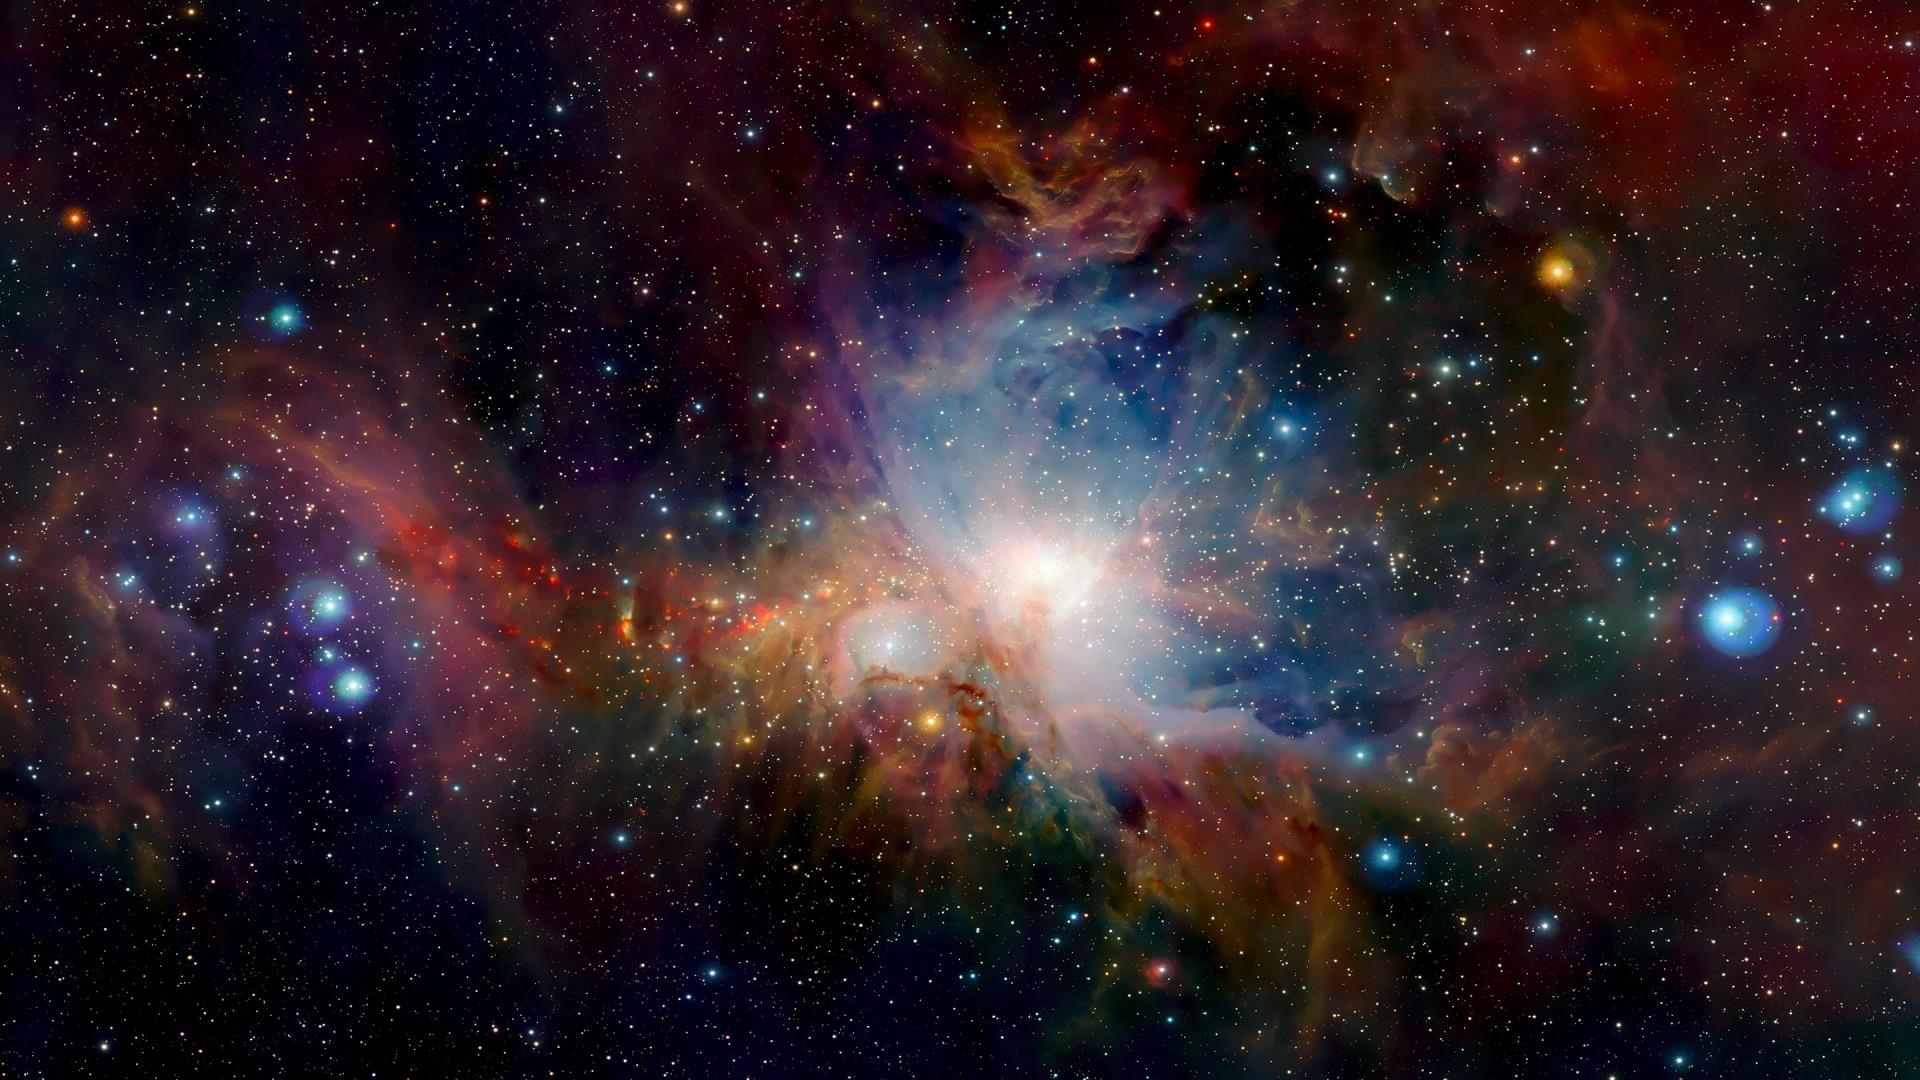 Nebula HD Wallpaper 1920x1080